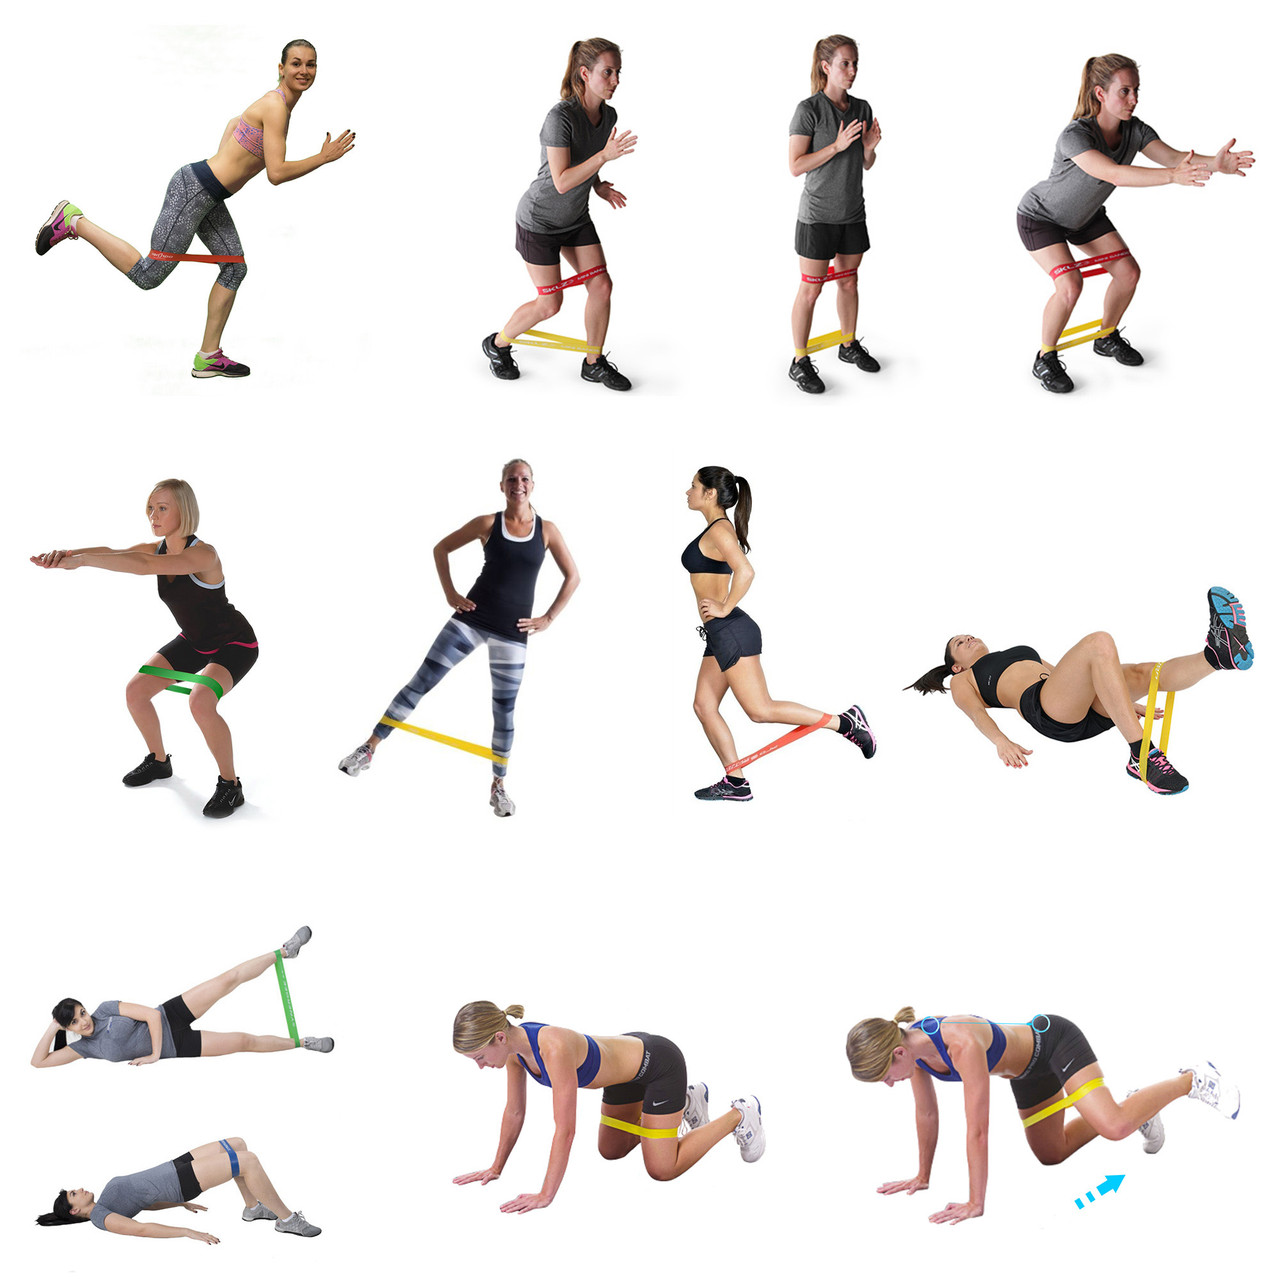 Набор резинок эспандеров для фитнеса HVAT. (Мини-петли) для фитнеса, набор в чехле - фото 7